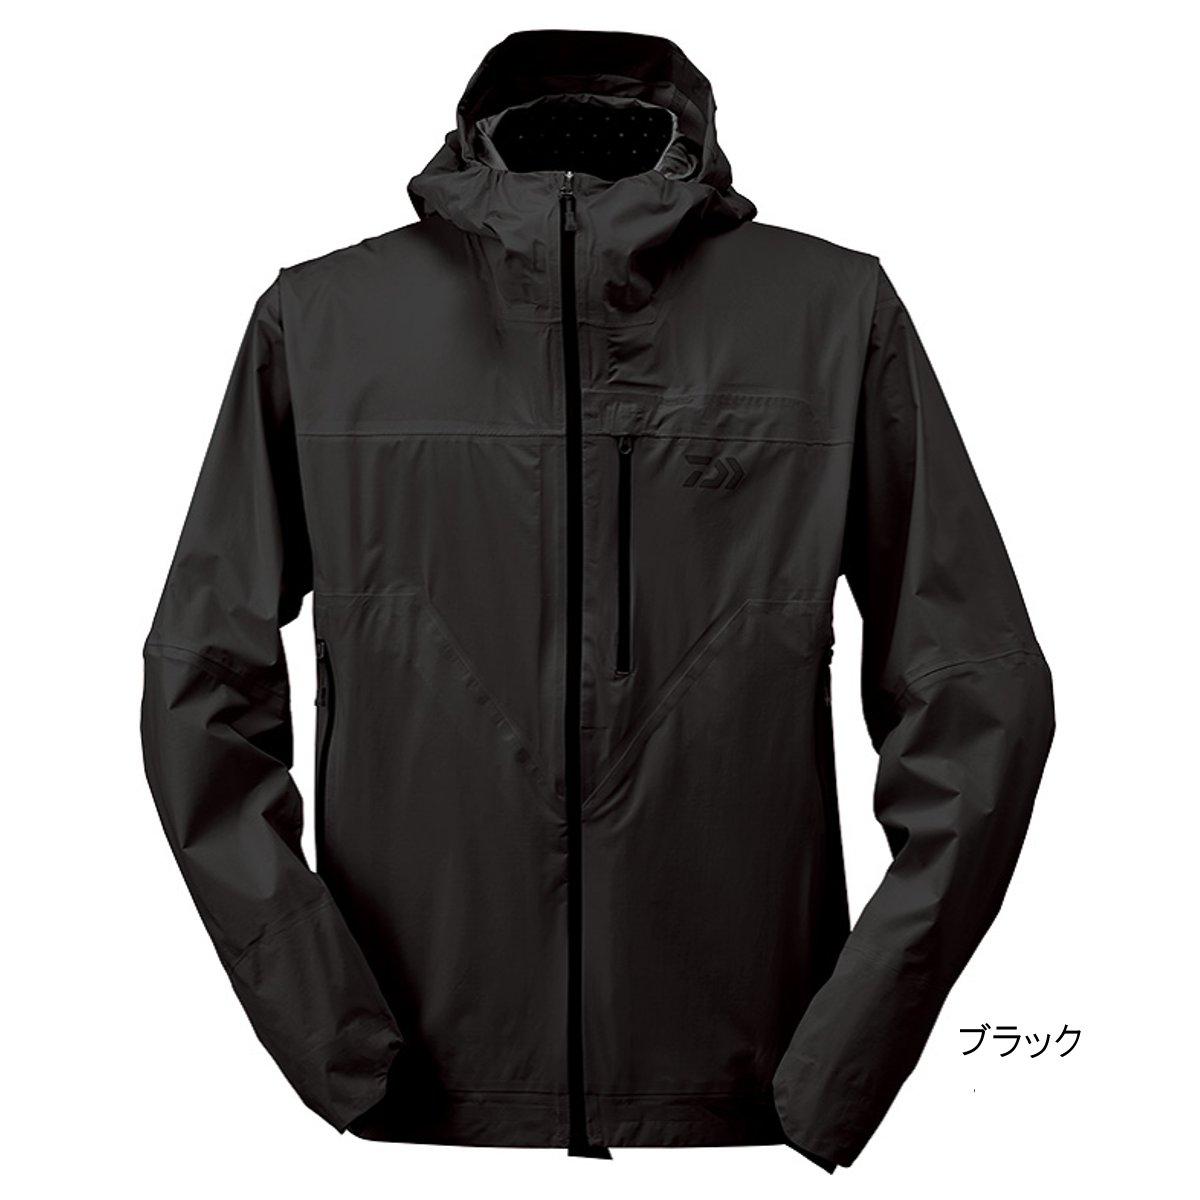 ダイワ レインマックス ポケッタブルレインジャケット DR-32009J M ブラック(東日本店)